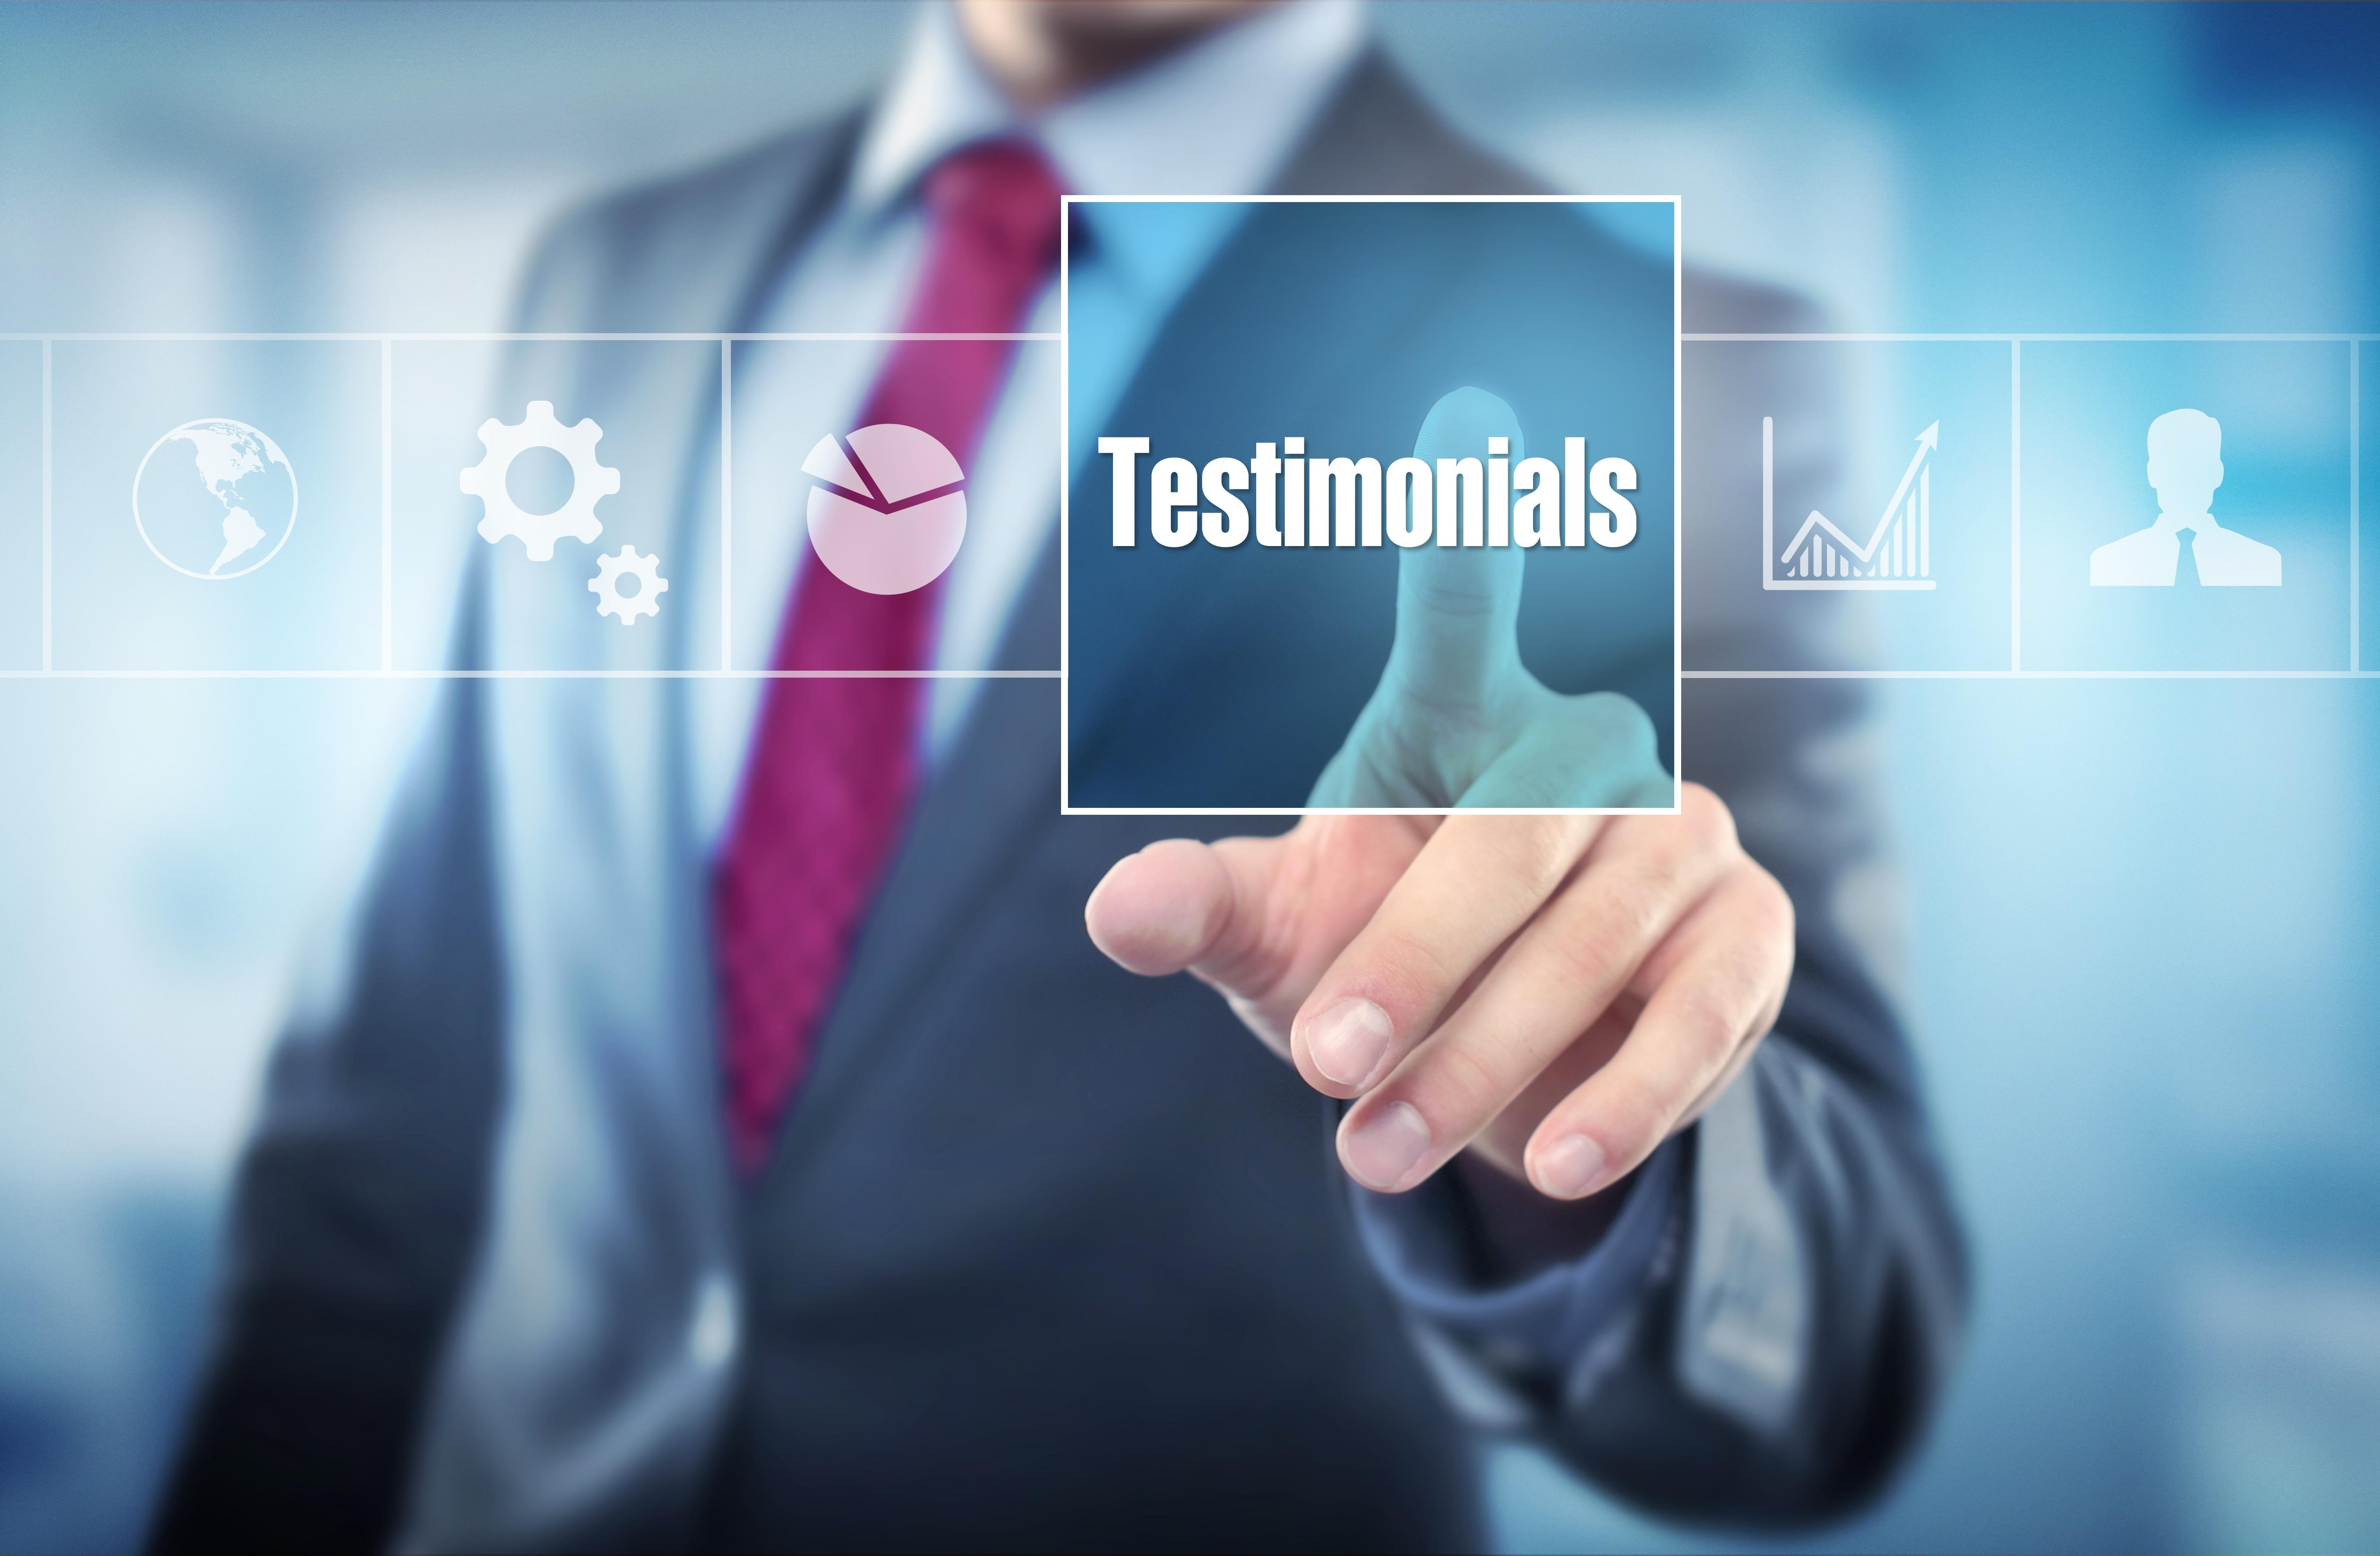 Client_Testimonials.jpeg